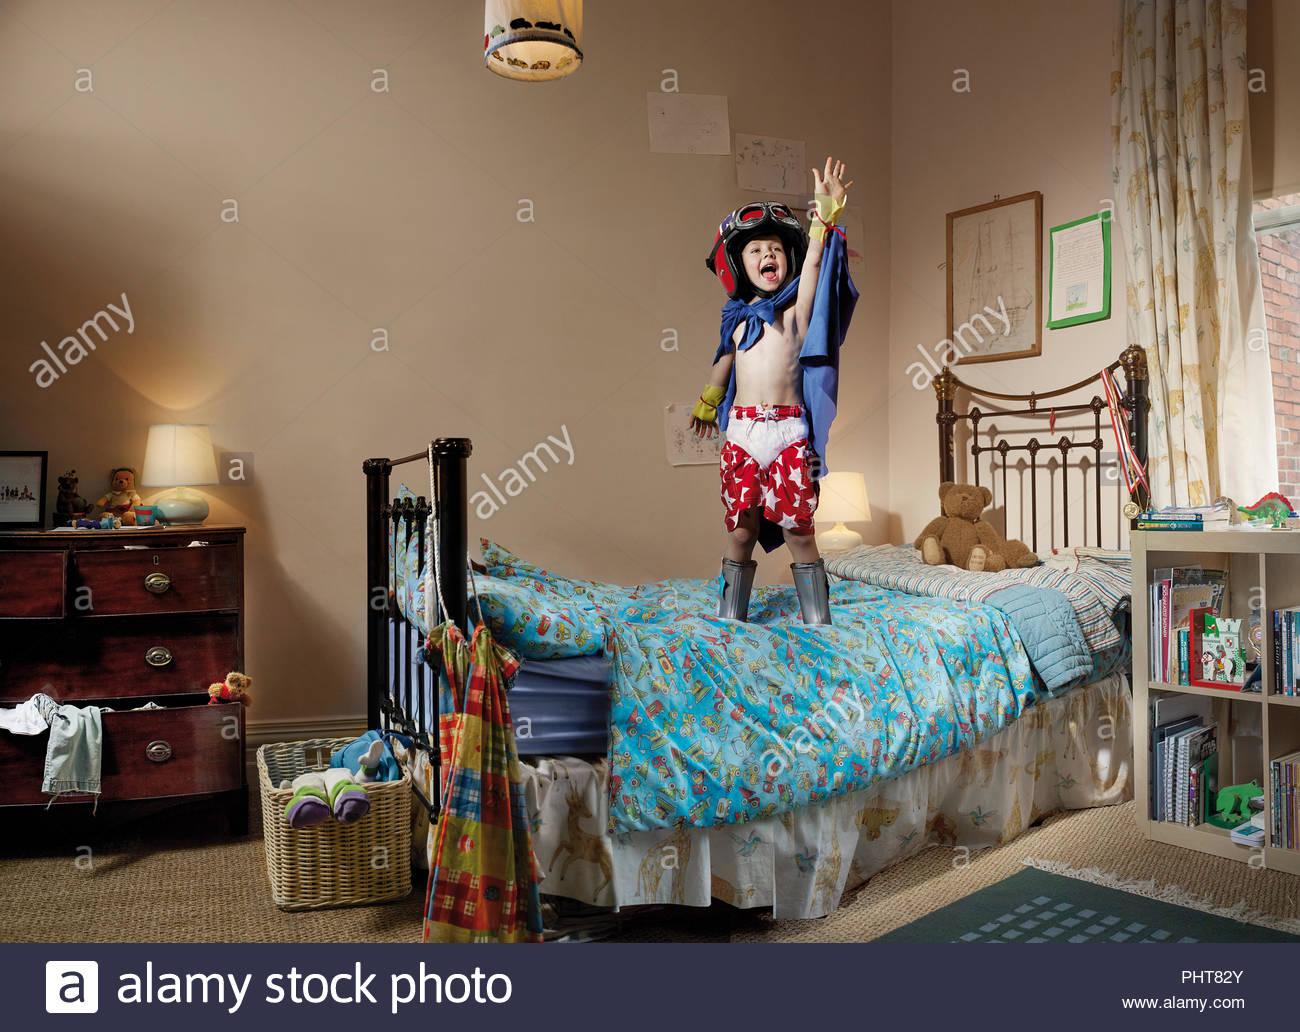 Giovane ragazzo giocando sul letto Immagini Stock